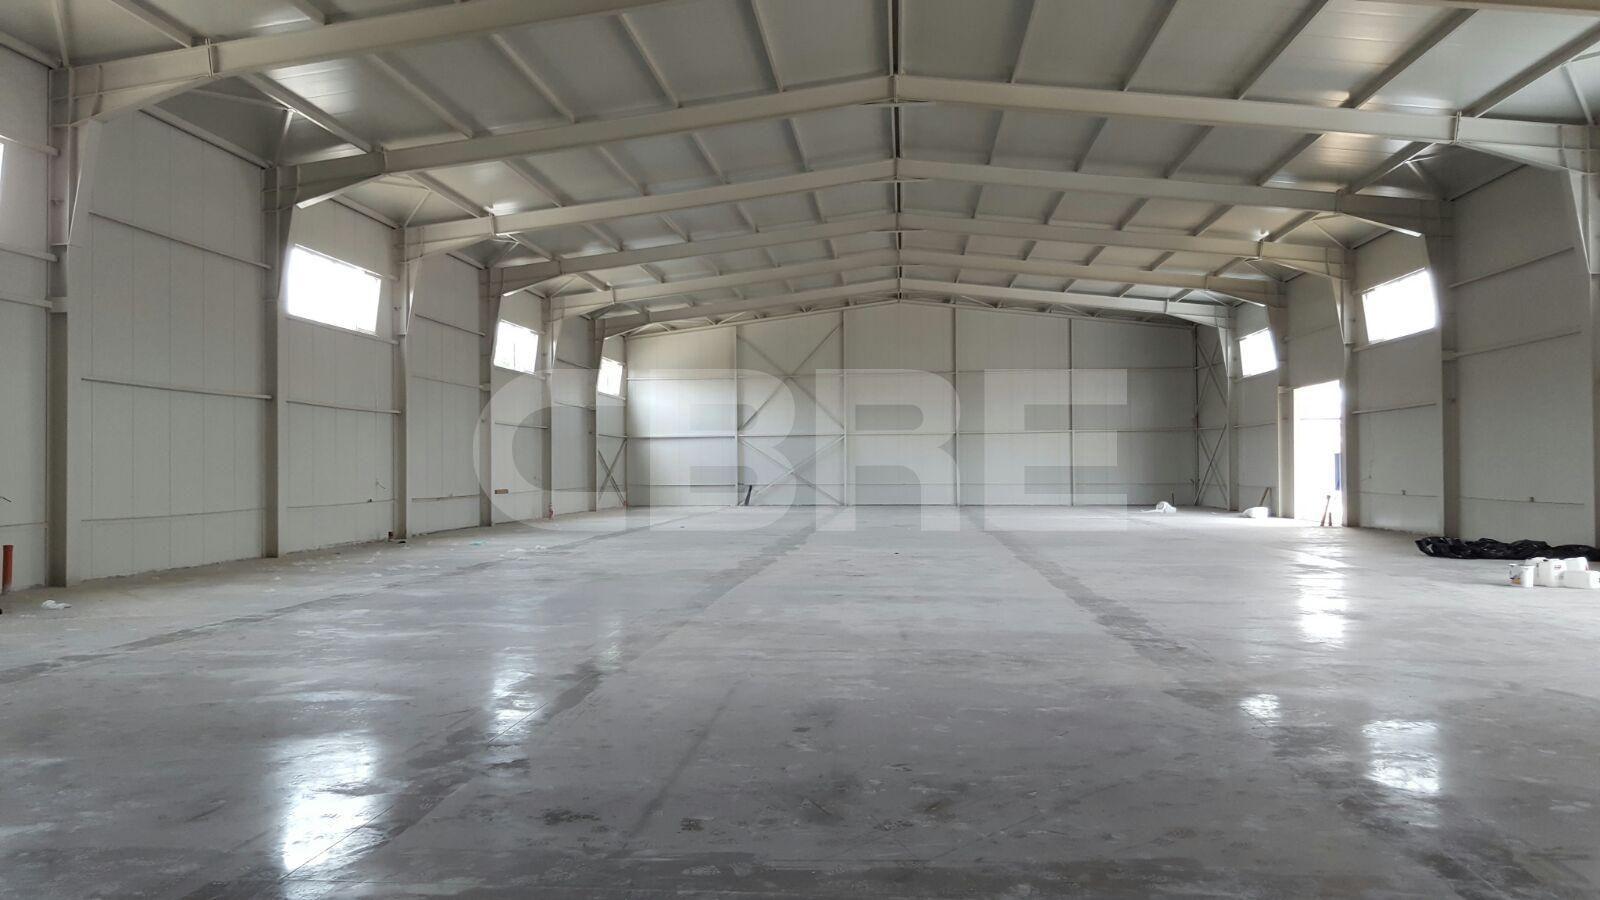 Výrobno skladovacia hala, Košice - Šaca, Košický kraj, Košice | Prenájom a predaj skladov a výrobných hál od CBRE | 1